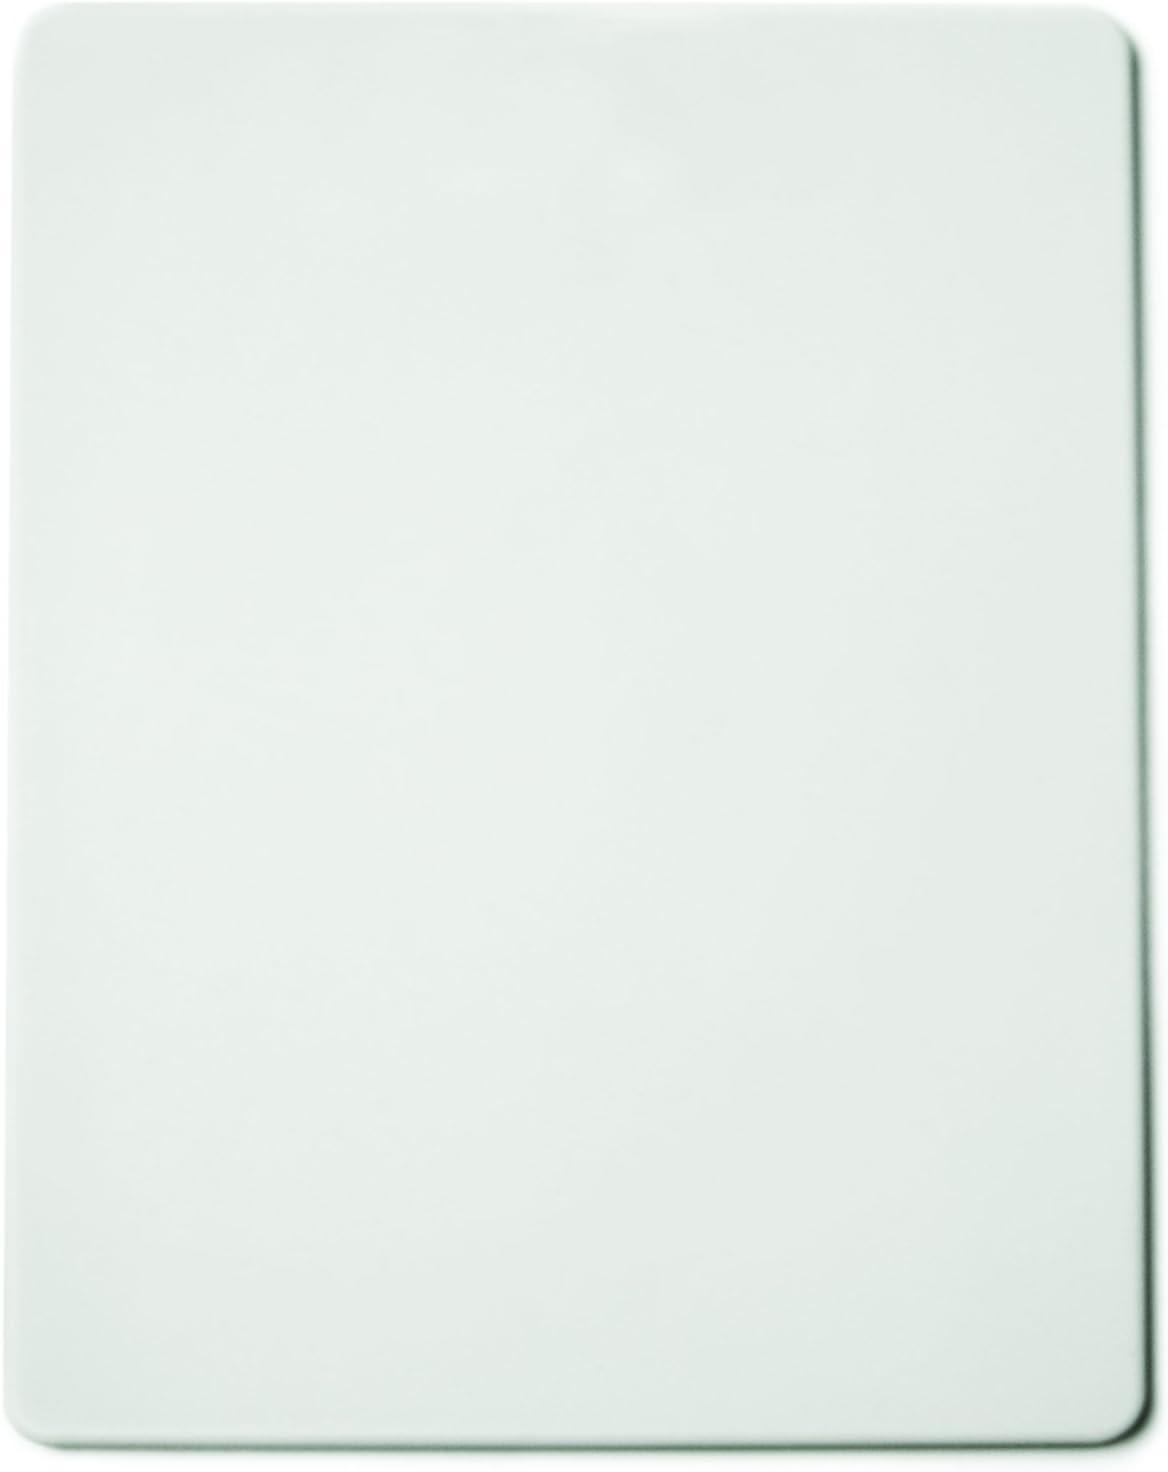 Architec Gripper depot White Cutting Board 8 Max 75% OFF x Inch 11